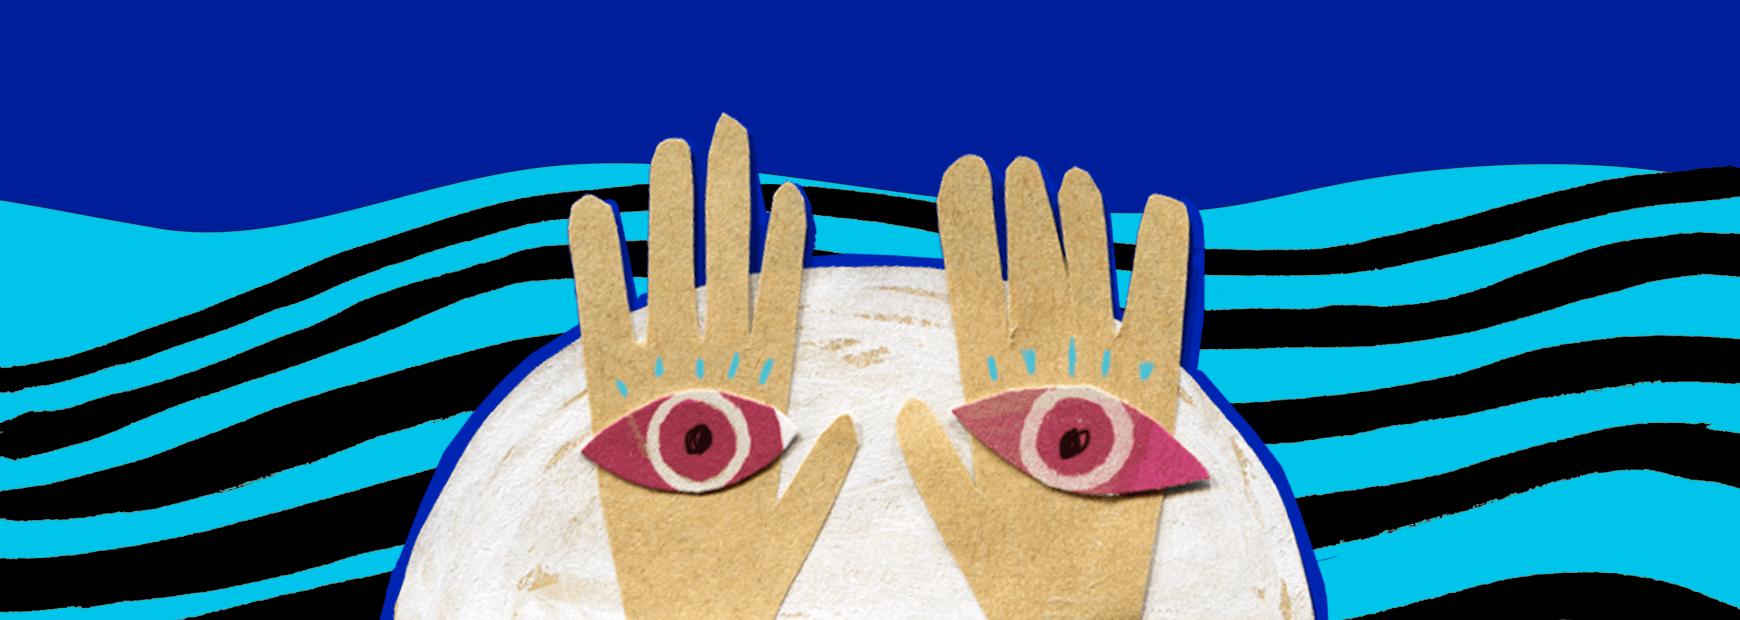 Ilustración para representar la intuición